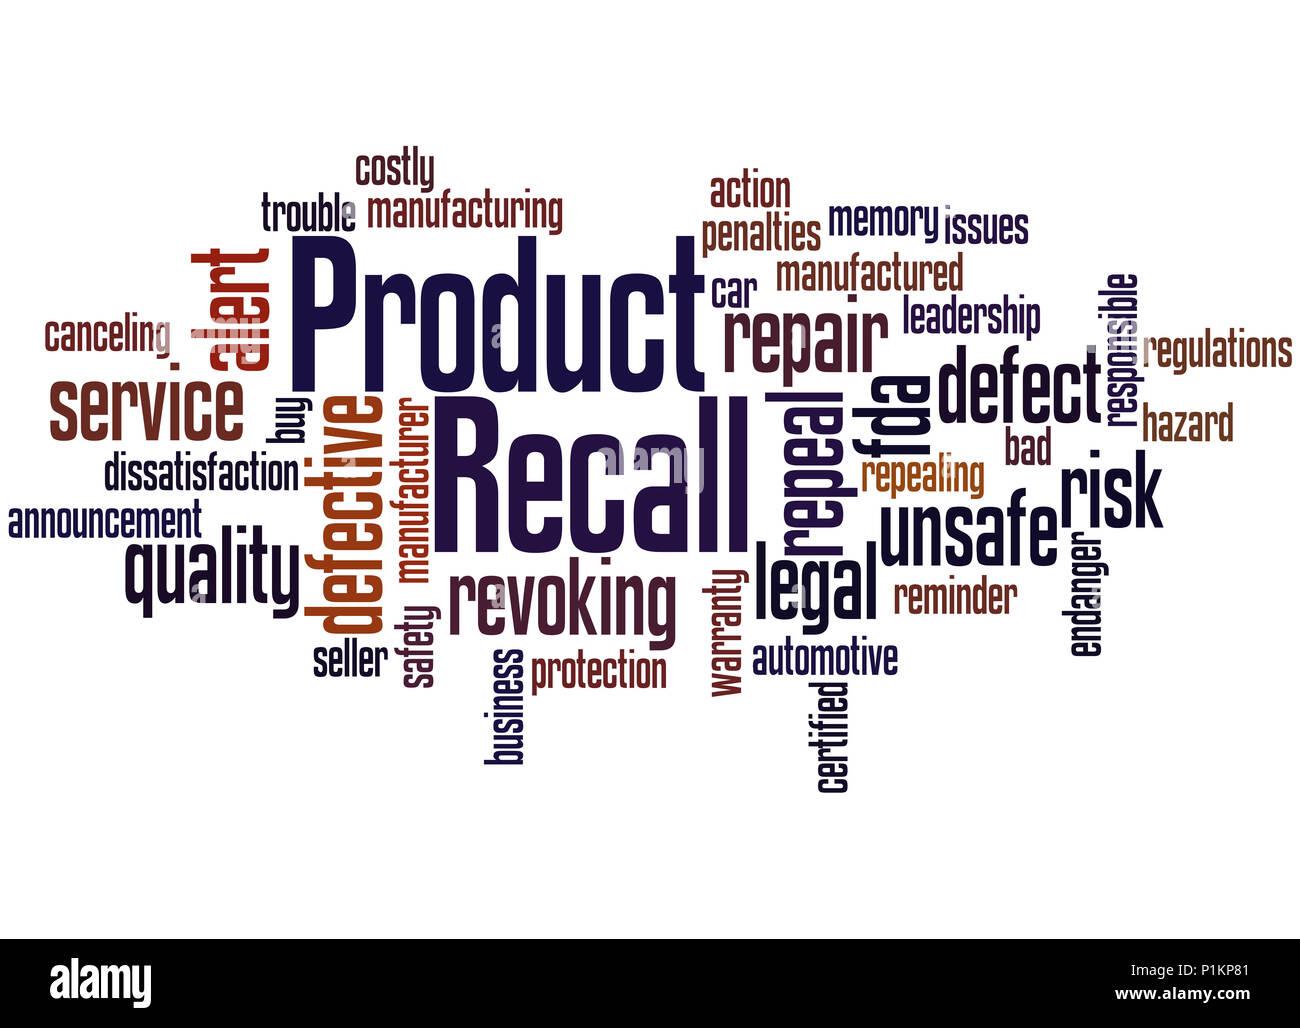 Produkt erinnern, Word cloud Konzept auf weißem Hintergrund. Stockbild